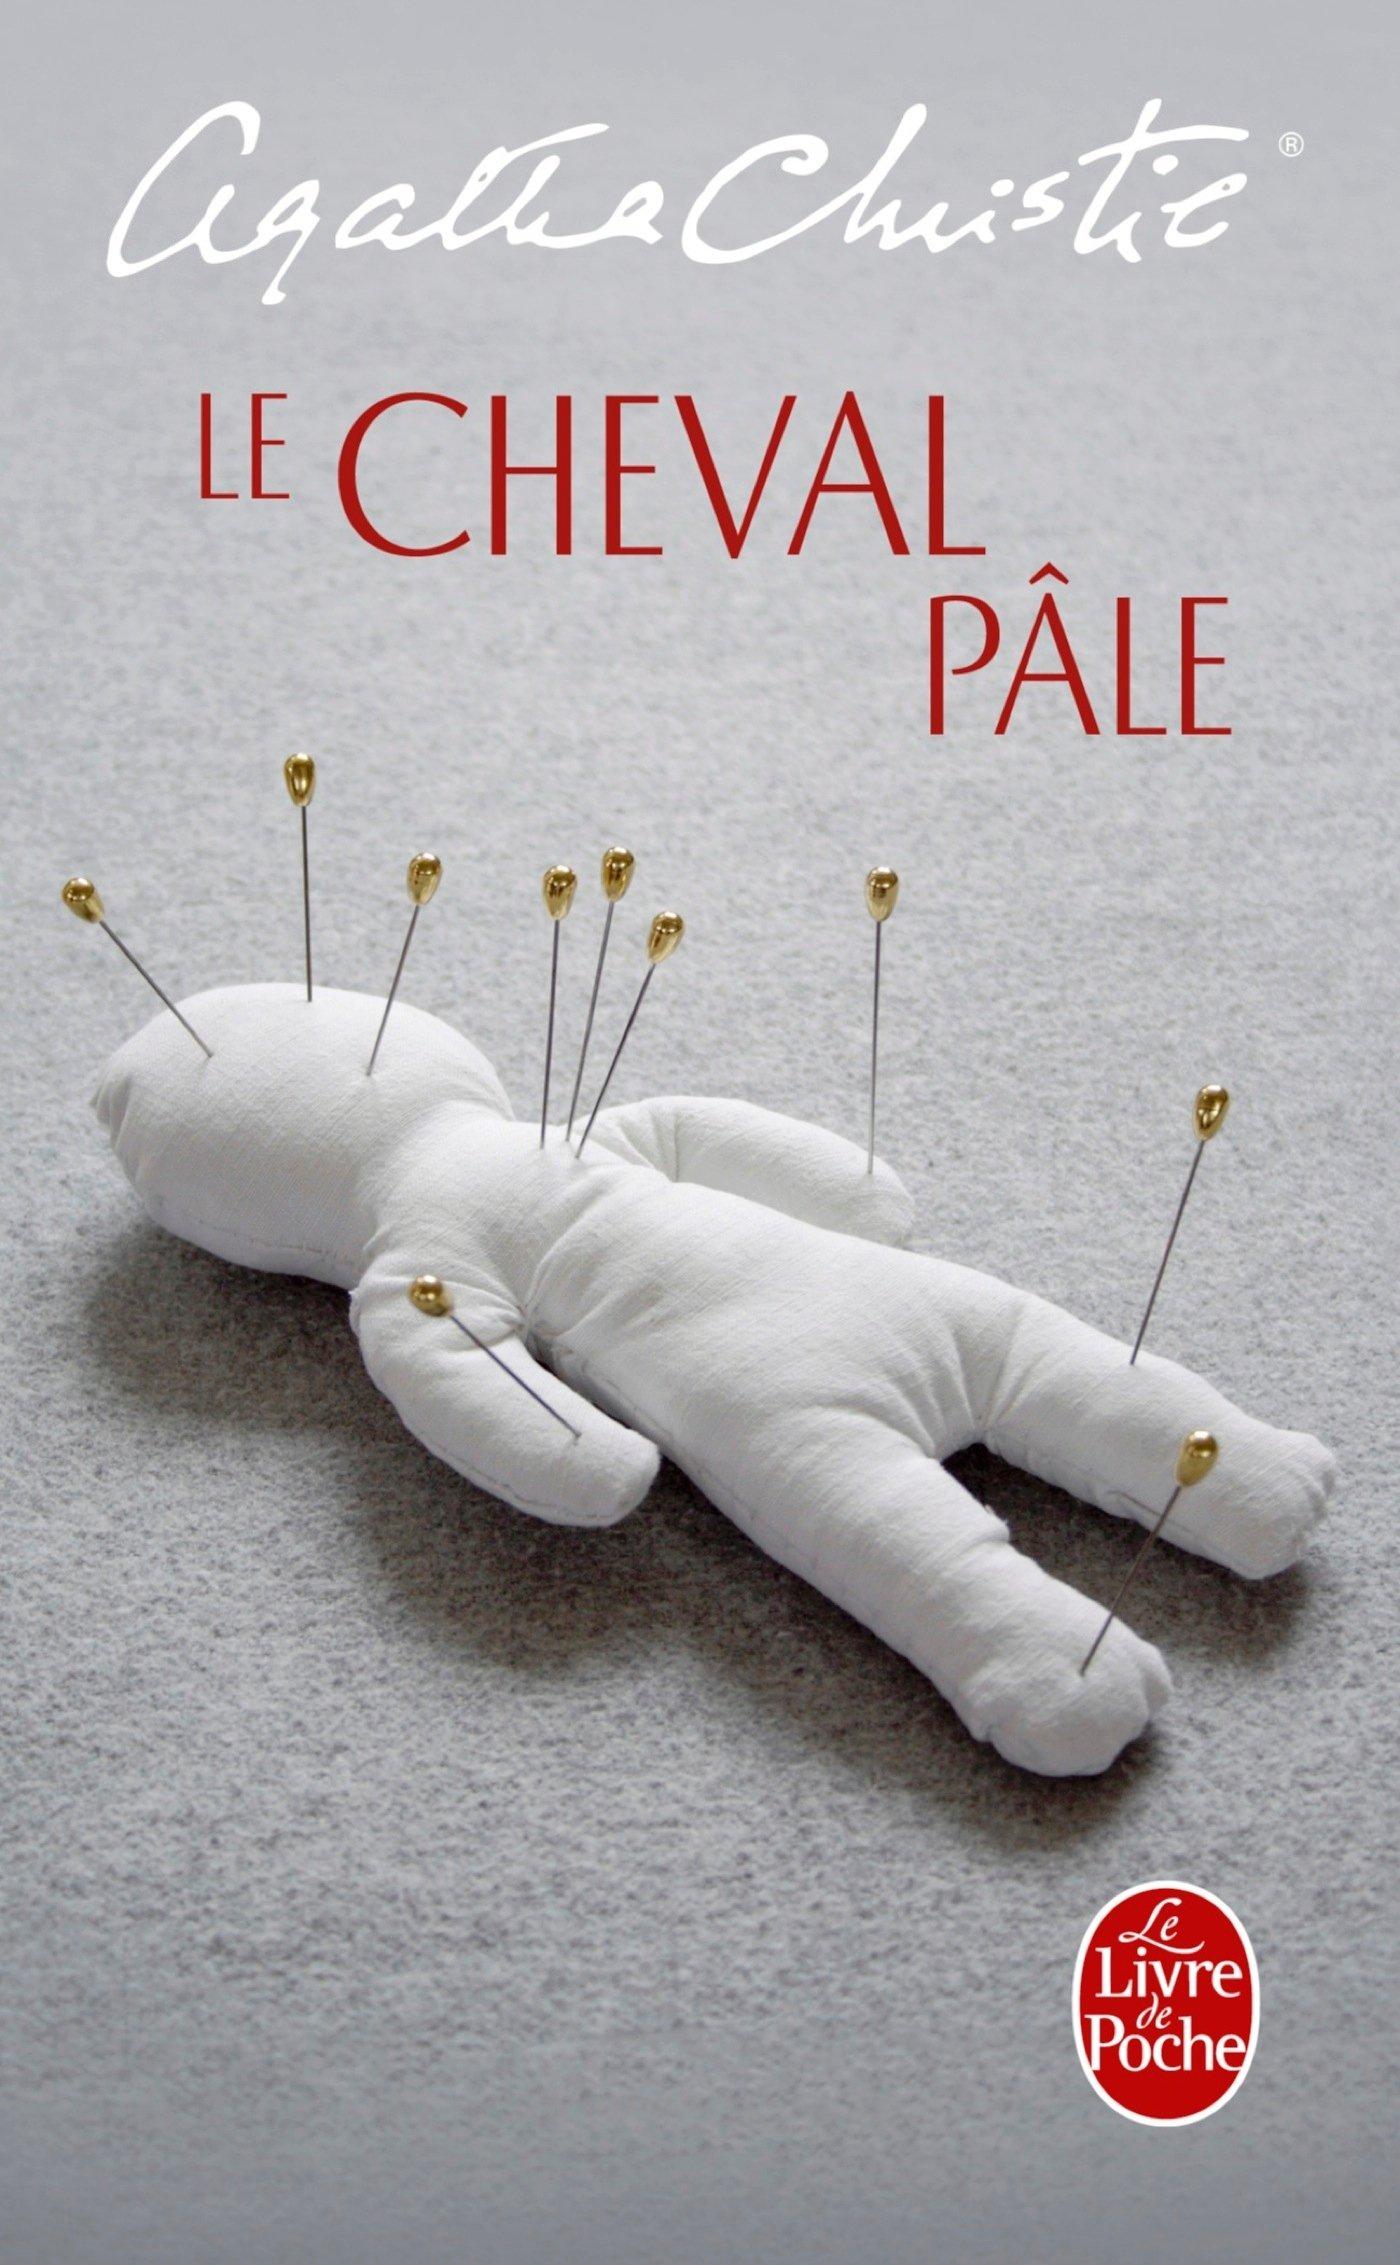 Le Cheval pâle (The Pale horse) 81HClclMg1L